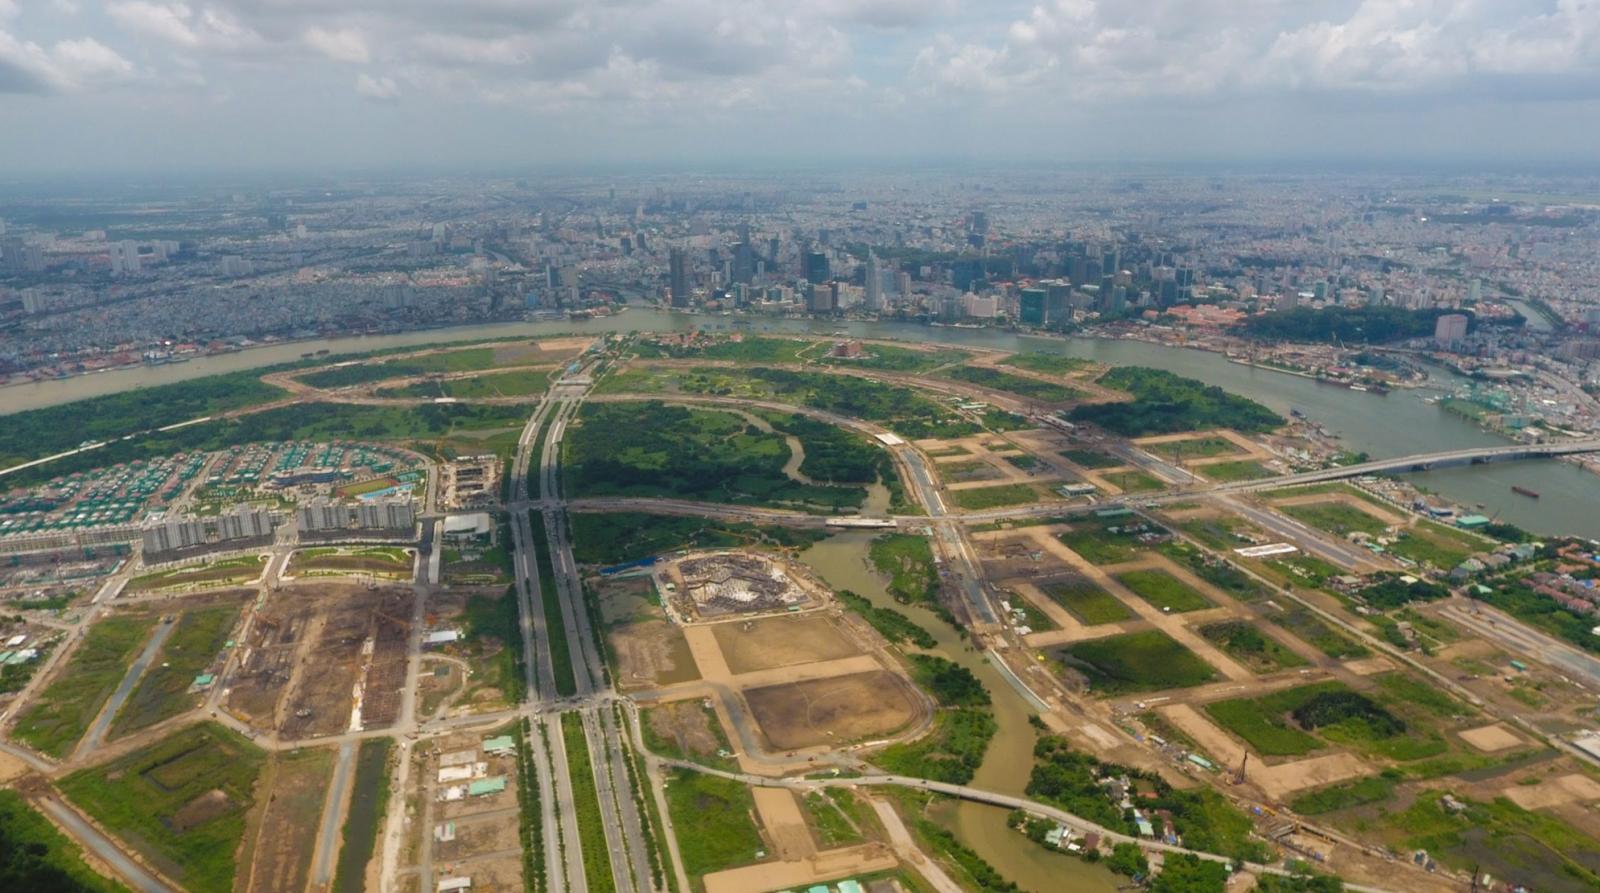 một góc Khu đô thị mới Thủ Thiêm nhìn từ trên cao